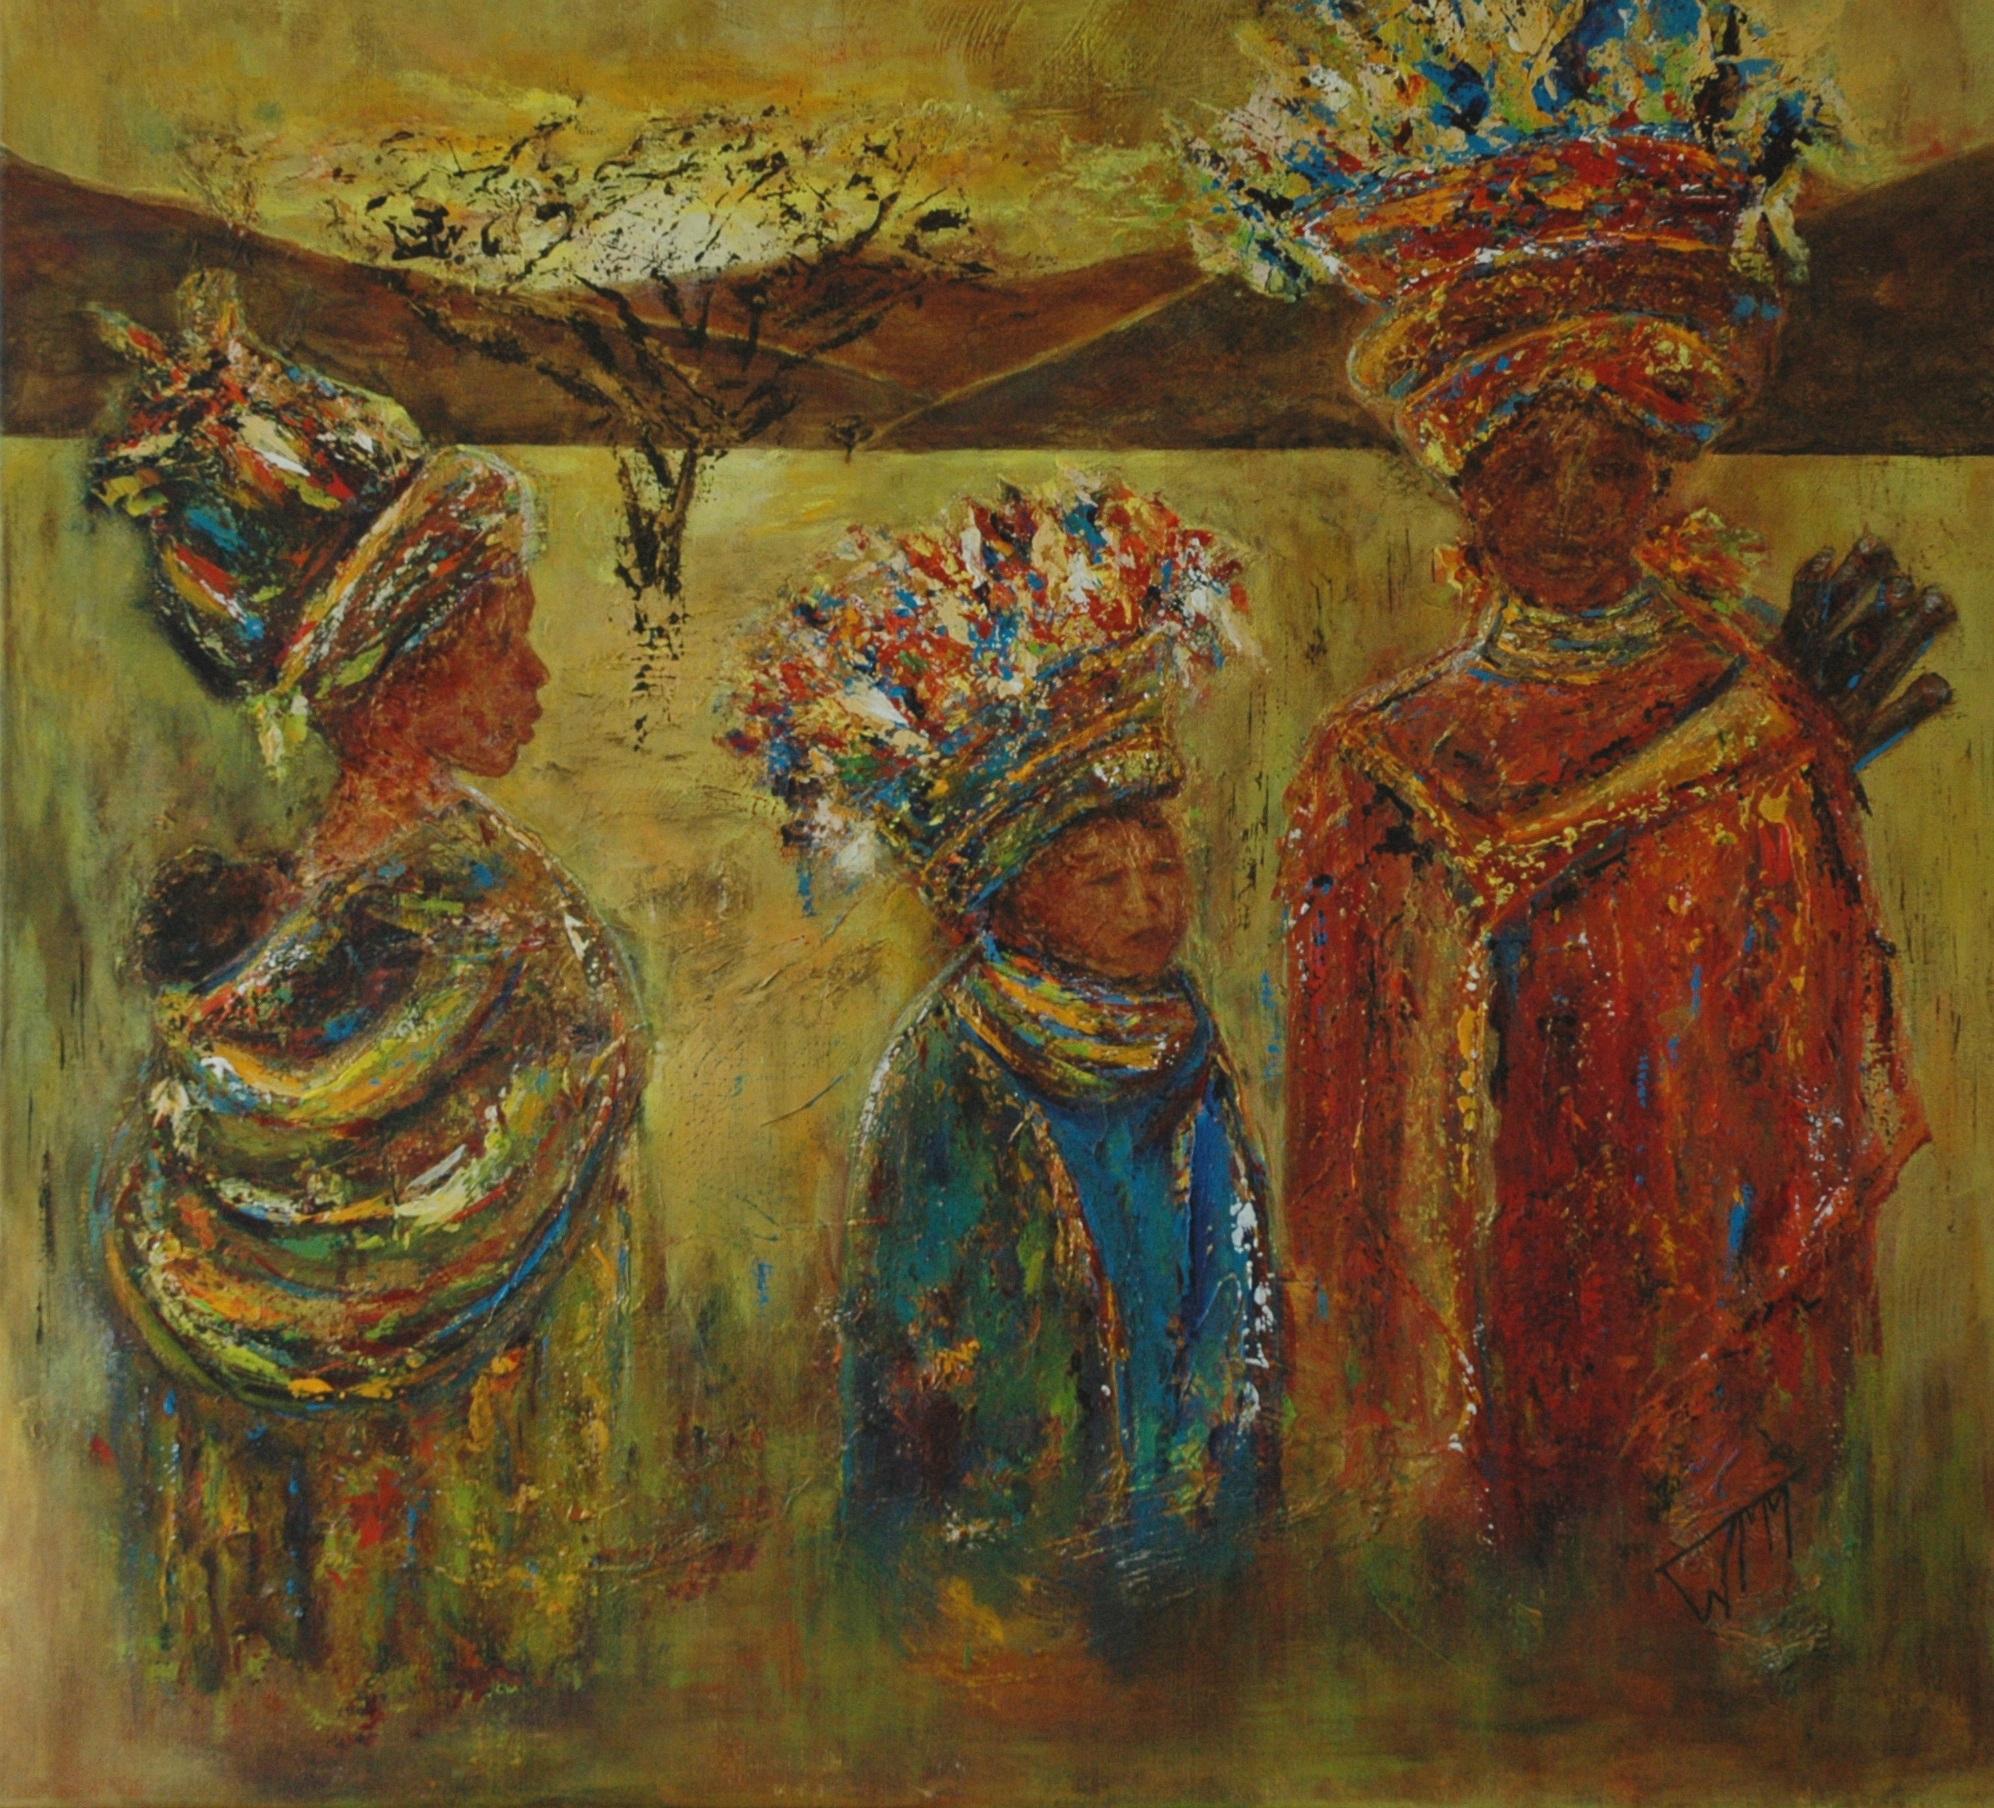 100 x 100cm, acryl op linnen, met gebruik van materialen (textuur), verkocht